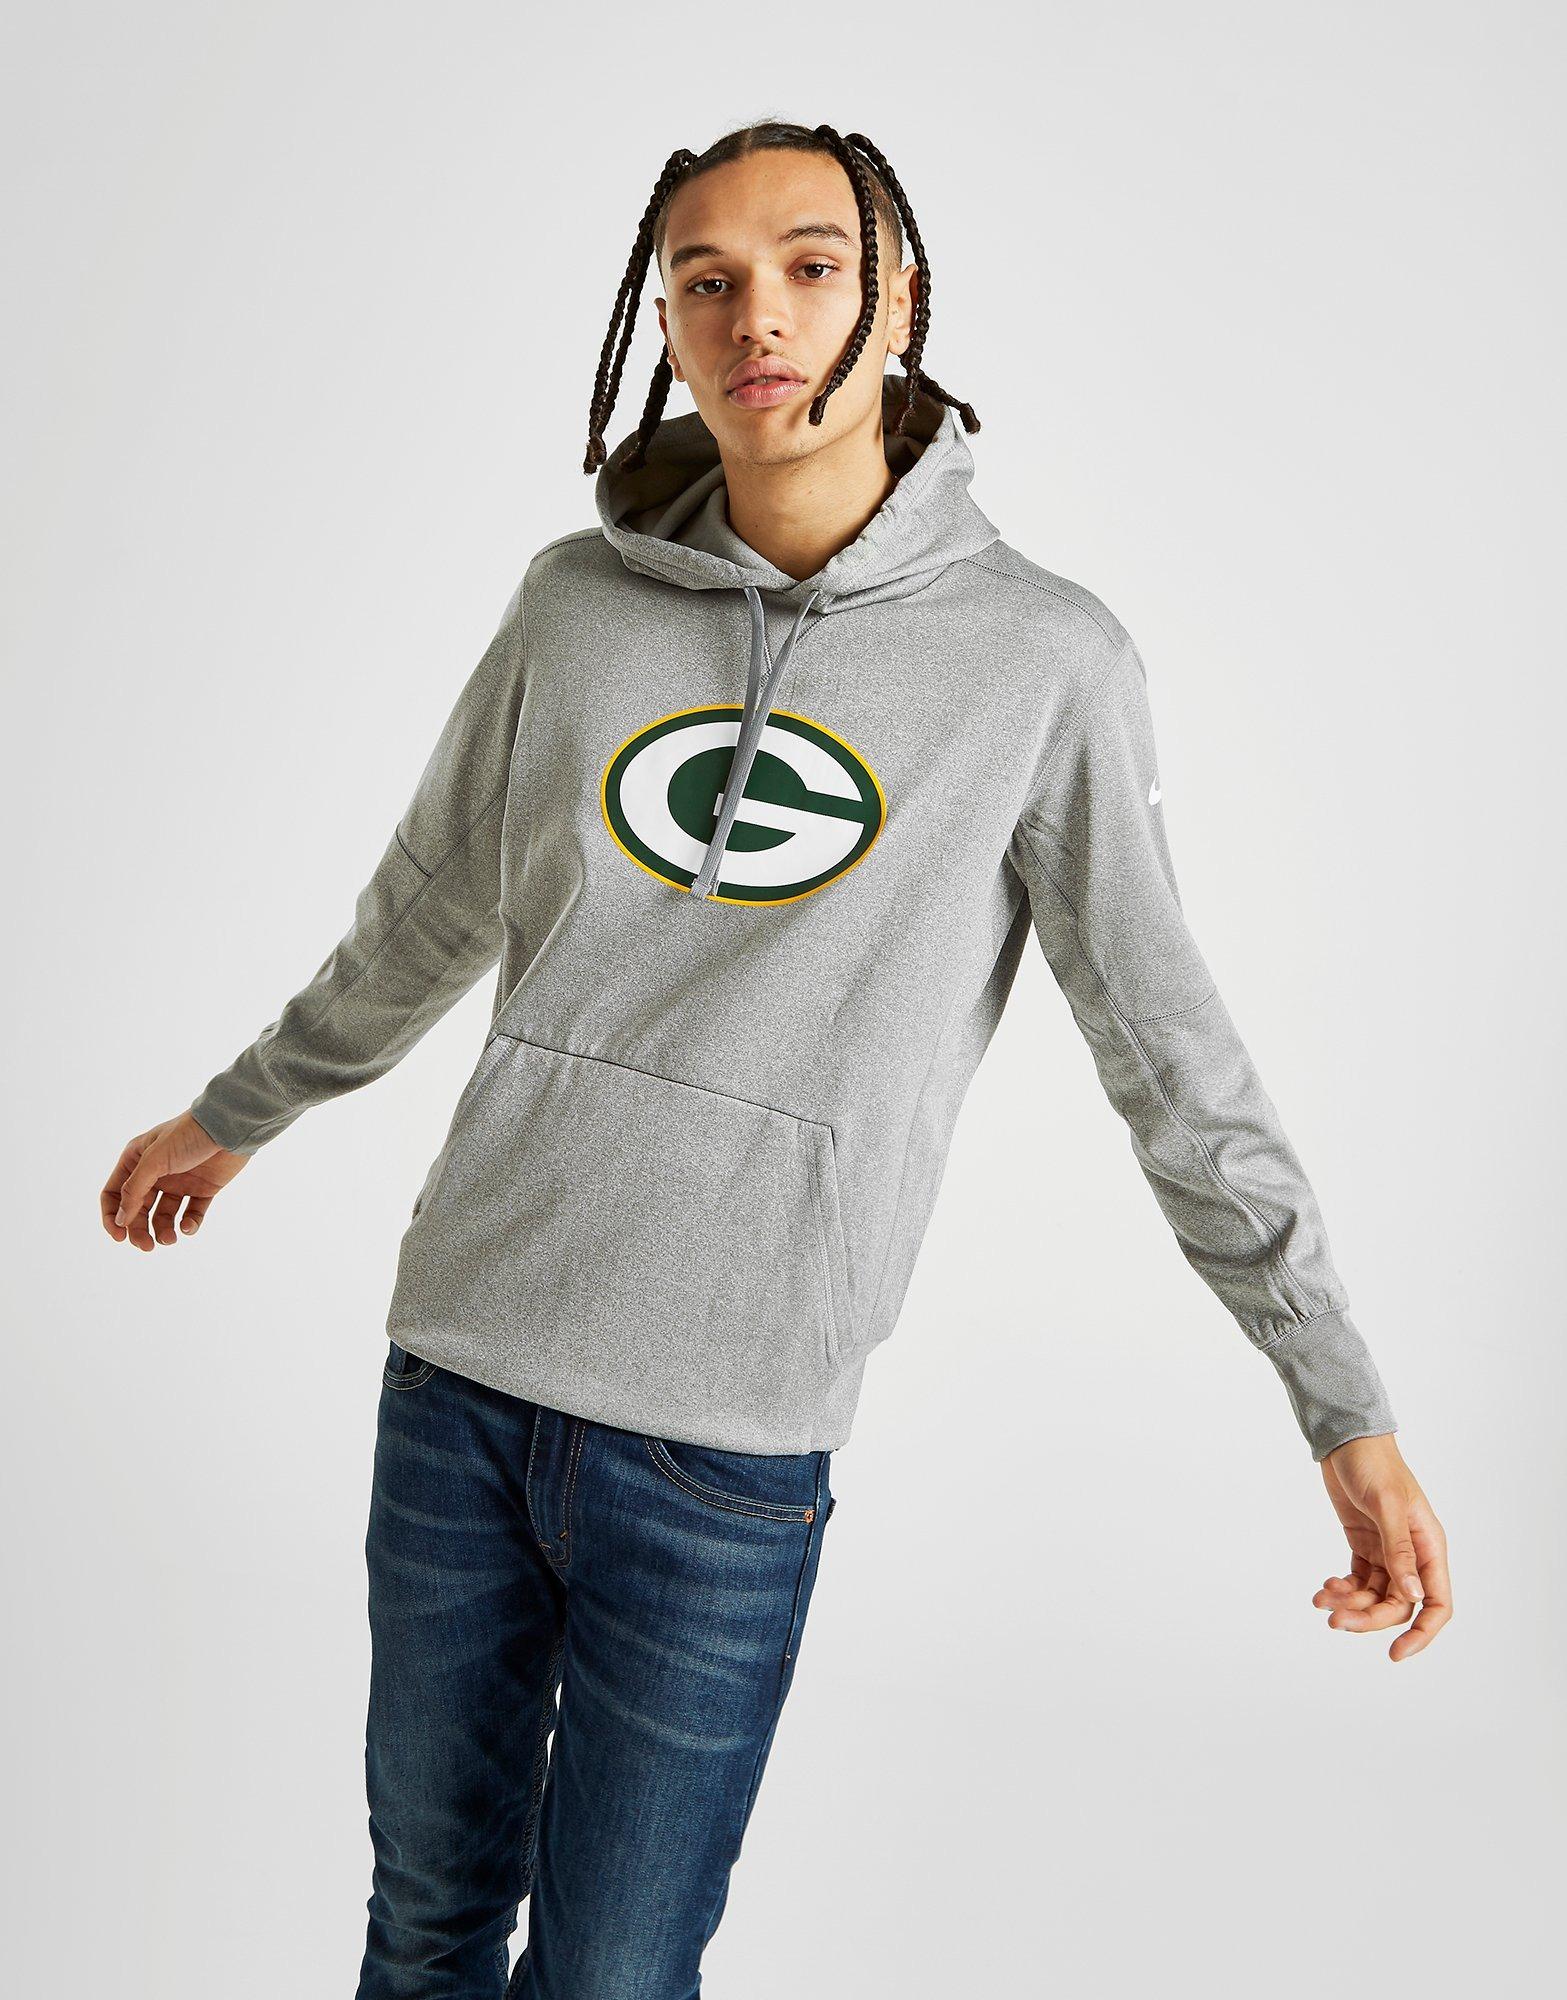 Acquista Nike NFL Green Bay Packers Felpa Con Cappuccio in